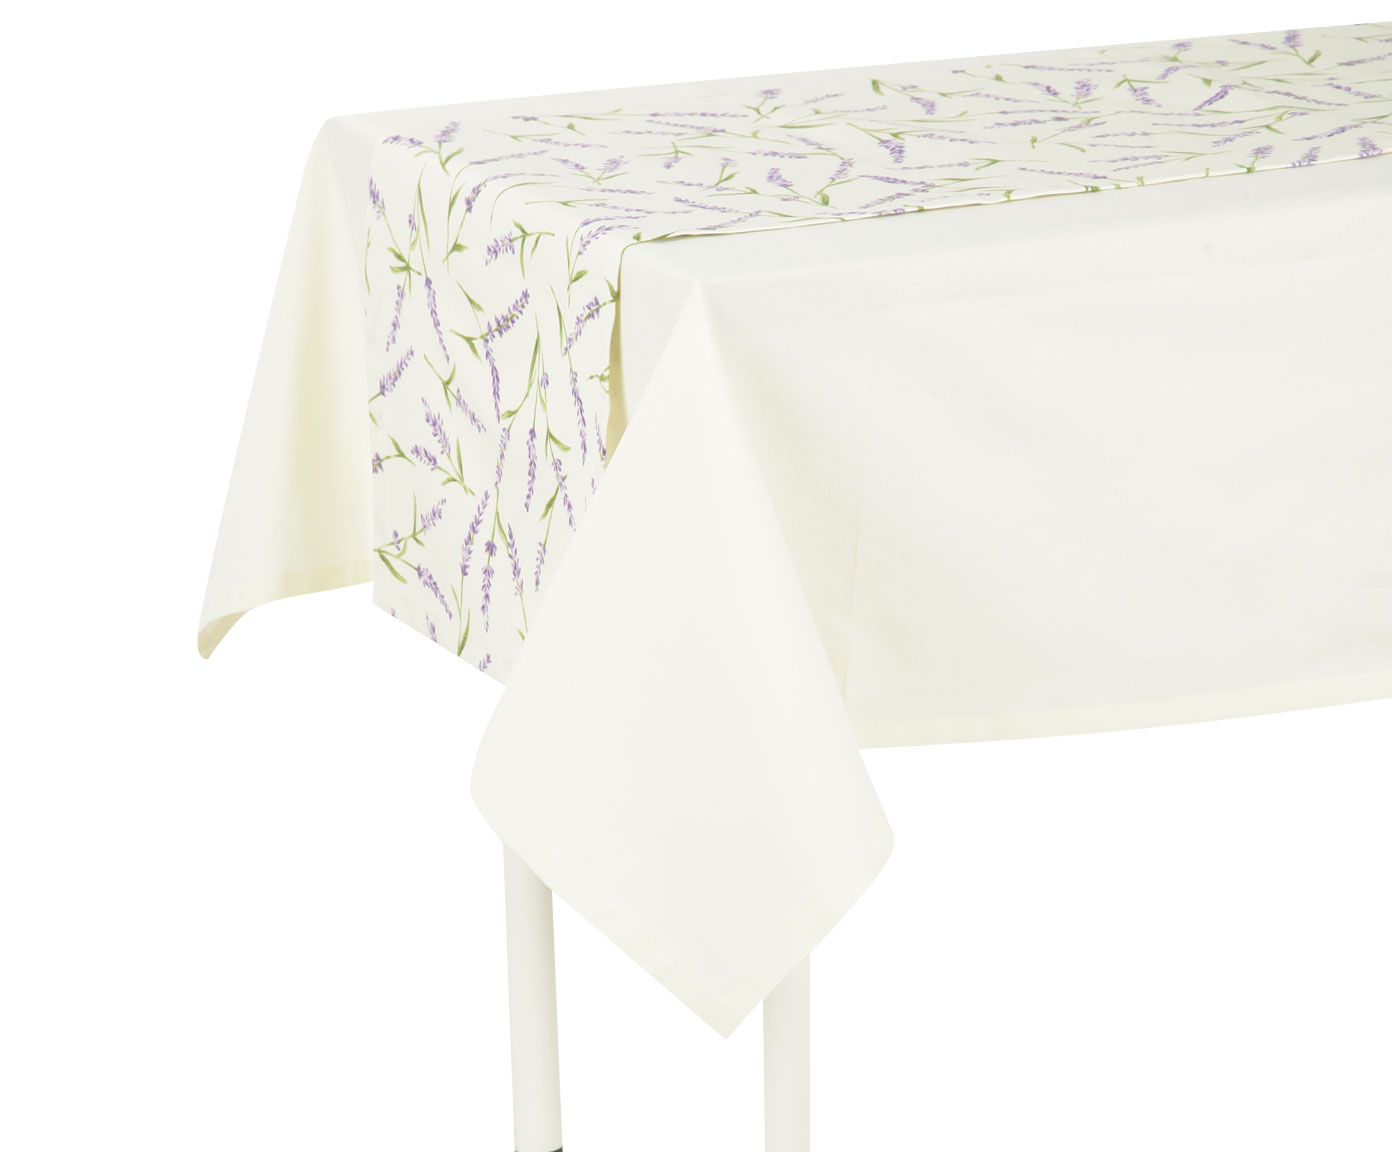 Скатерть ЛавандаСкатерти<br>Скатерть на стол + дорожка создадут хорошее настроение и украсят ваш день. Яркий дизайн.&amp;amp;nbsp;&amp;lt;div&amp;gt;Ткань прочная, износоустойчивая.&amp;lt;/div&amp;gt;&amp;lt;div&amp;gt;&amp;lt;br&amp;gt;&amp;lt;/div&amp;gt;&amp;lt;div&amp;gt;Размер дорожки:&amp;amp;nbsp;&amp;amp;nbsp;40х170 см&amp;lt;br&amp;gt;&amp;lt;div&amp;gt;&amp;lt;br&amp;gt;&amp;lt;/div&amp;gt;&amp;lt;div&amp;gt;&amp;lt;br&amp;gt;&amp;lt;/div&amp;gt;&amp;lt;/div&amp;gt;<br><br>Material: Хлопок<br>Length см: 170<br>Width см: 120